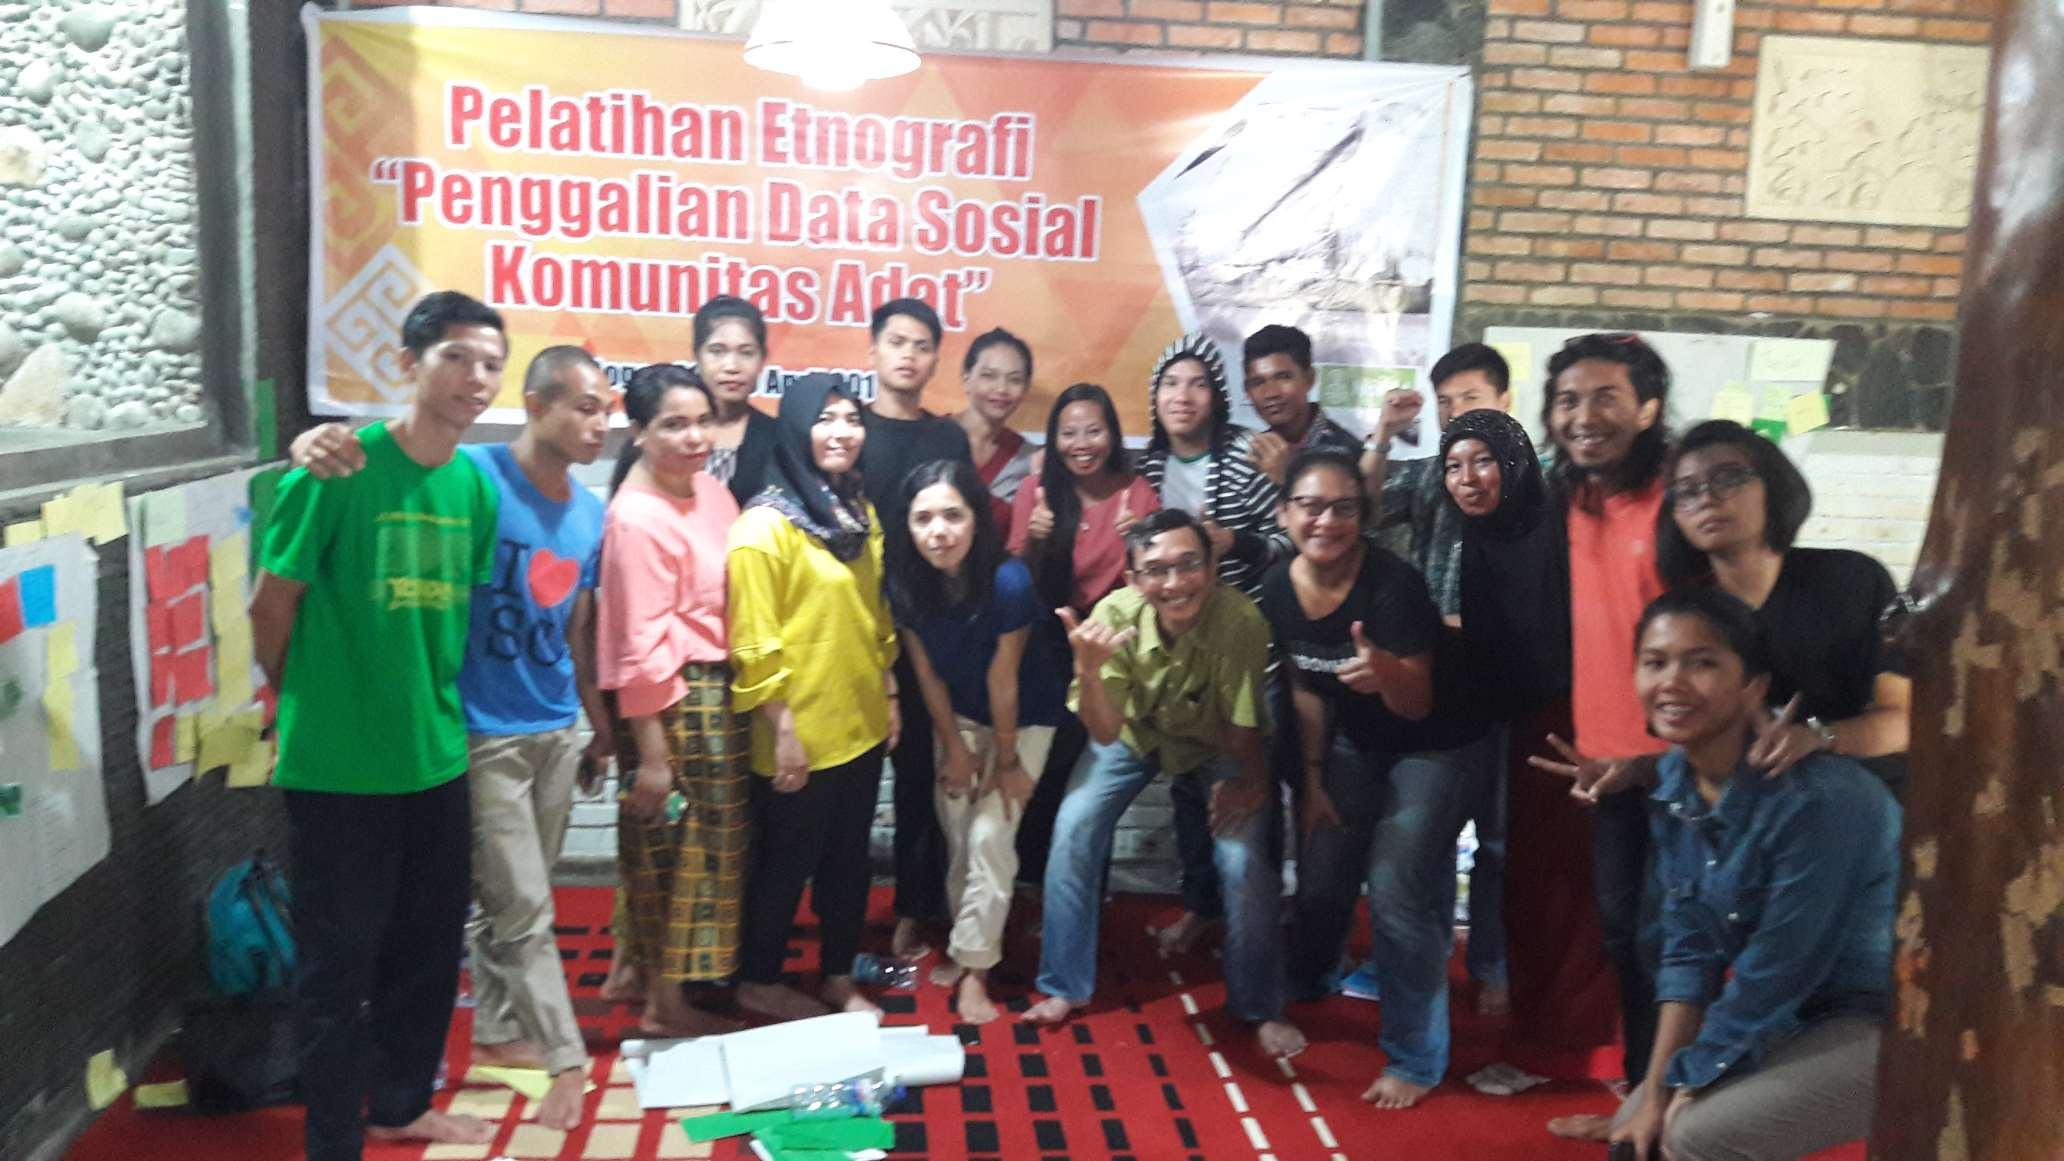 AMAN Menyelenggarakan Training Etnografi Bersama PEREMPUAN AMAN dan BPAN